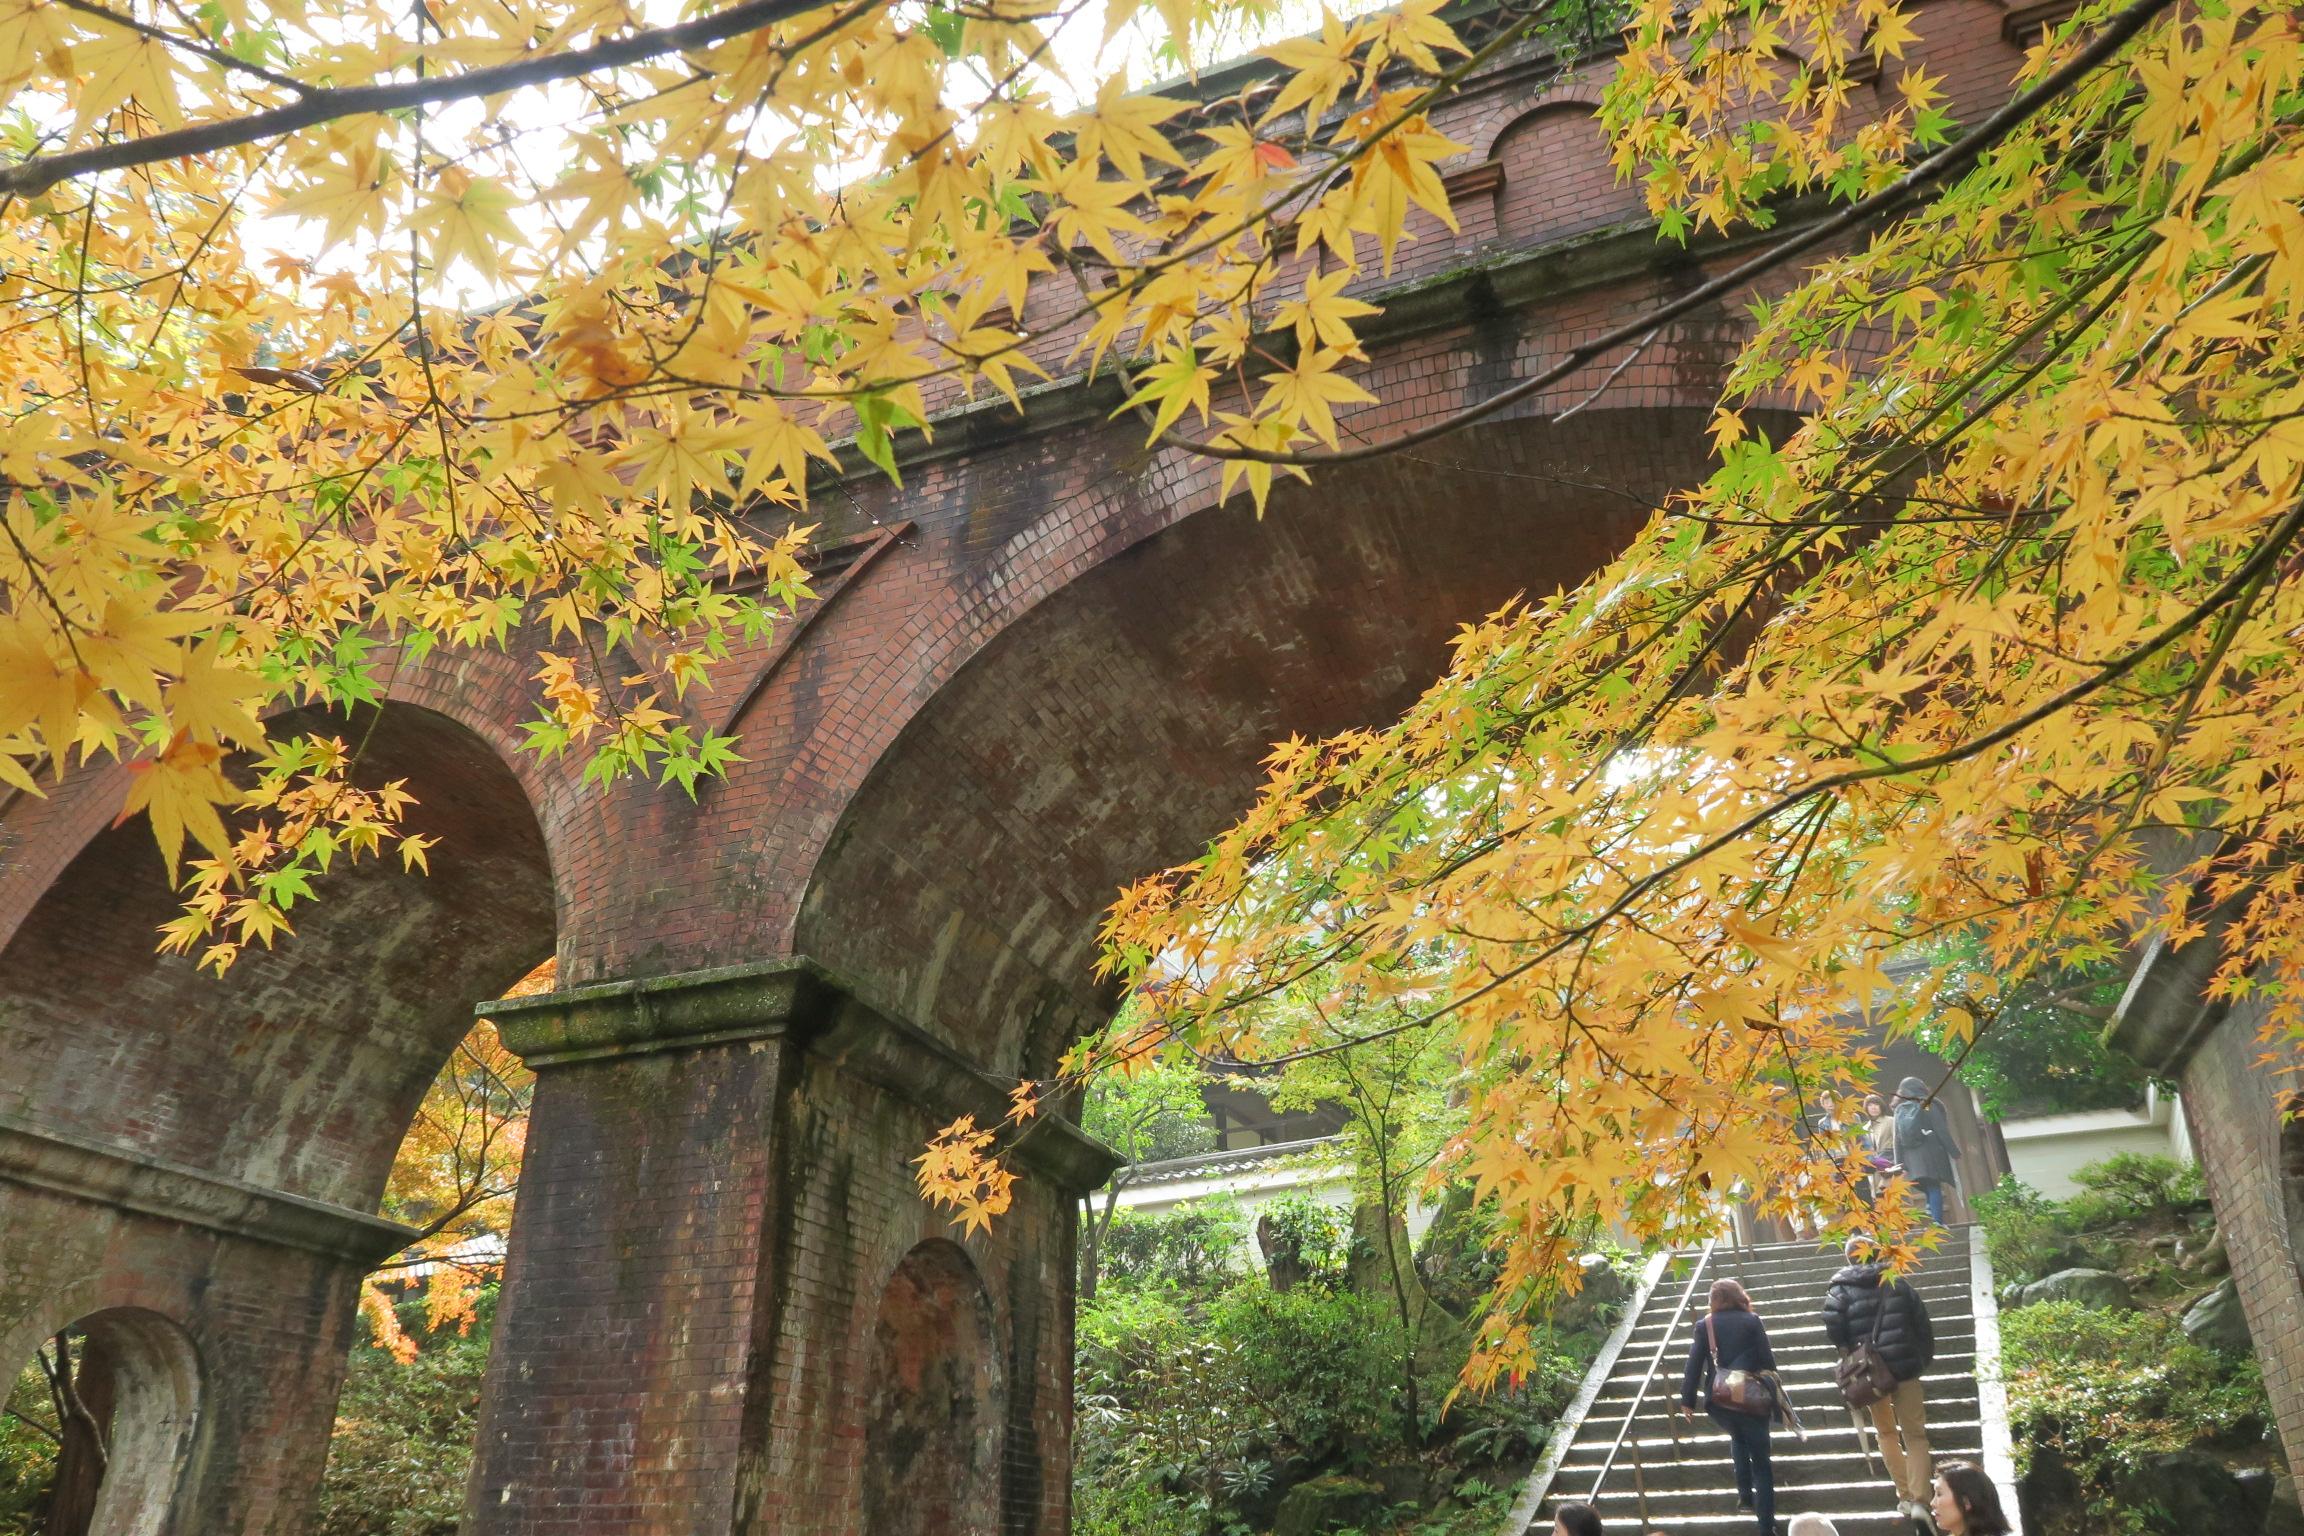 境内にある琵琶湖から引き込んだ水の流れる水道橋(水路閣)